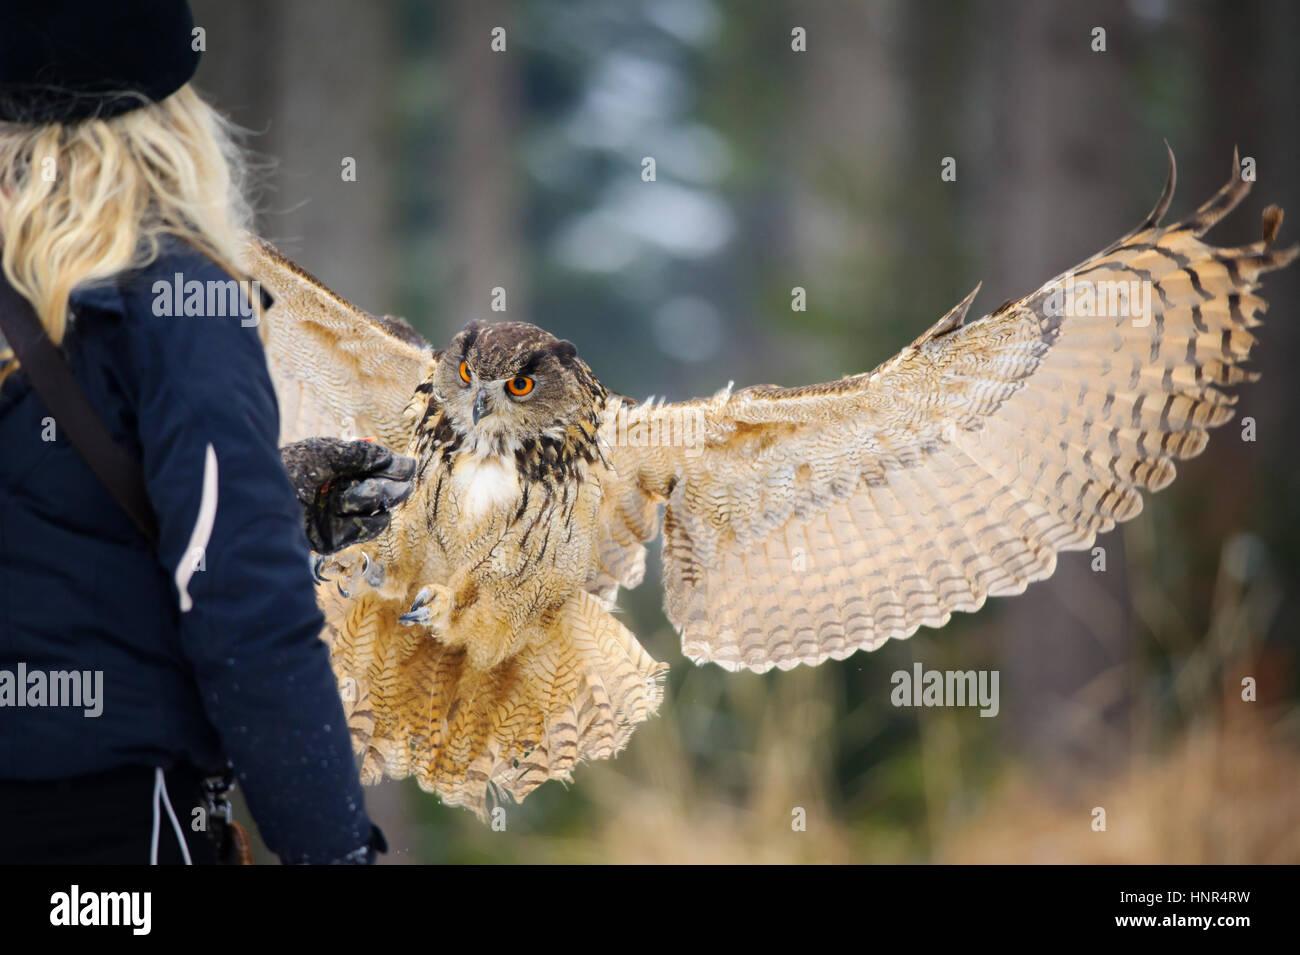 Falkner Mädchen mit Blong Haar von hinten mit Handschuh und Landung fliegen eurasischen Uhu Winterwald Stockbild